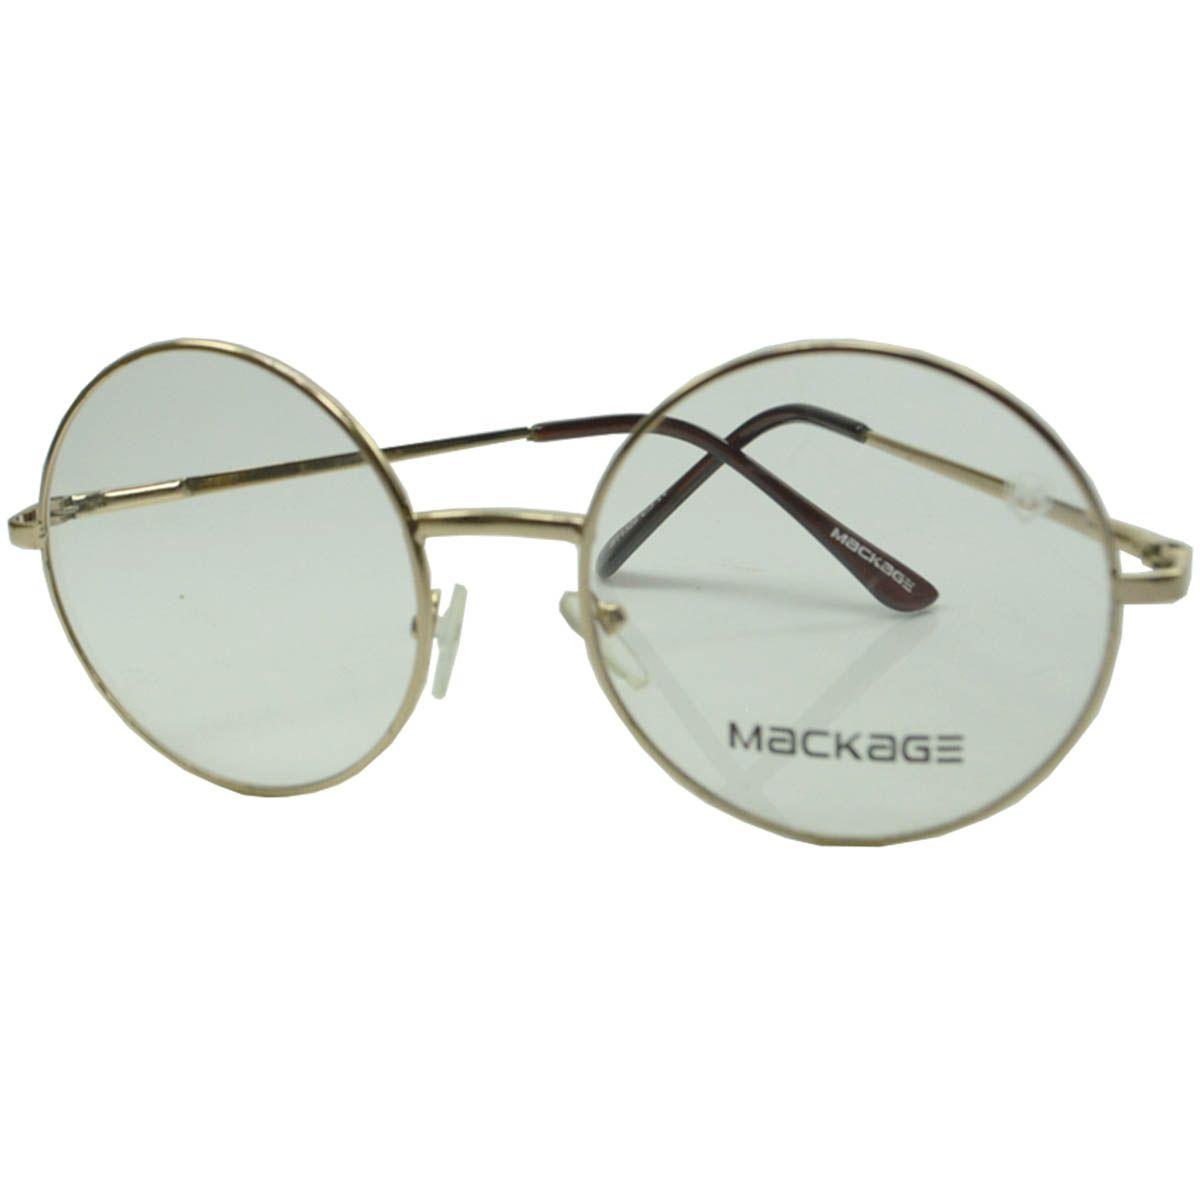 0053a5d75b7f9 Armação Para Óculos De Grau - Mackage MKA1526C3 Dourado